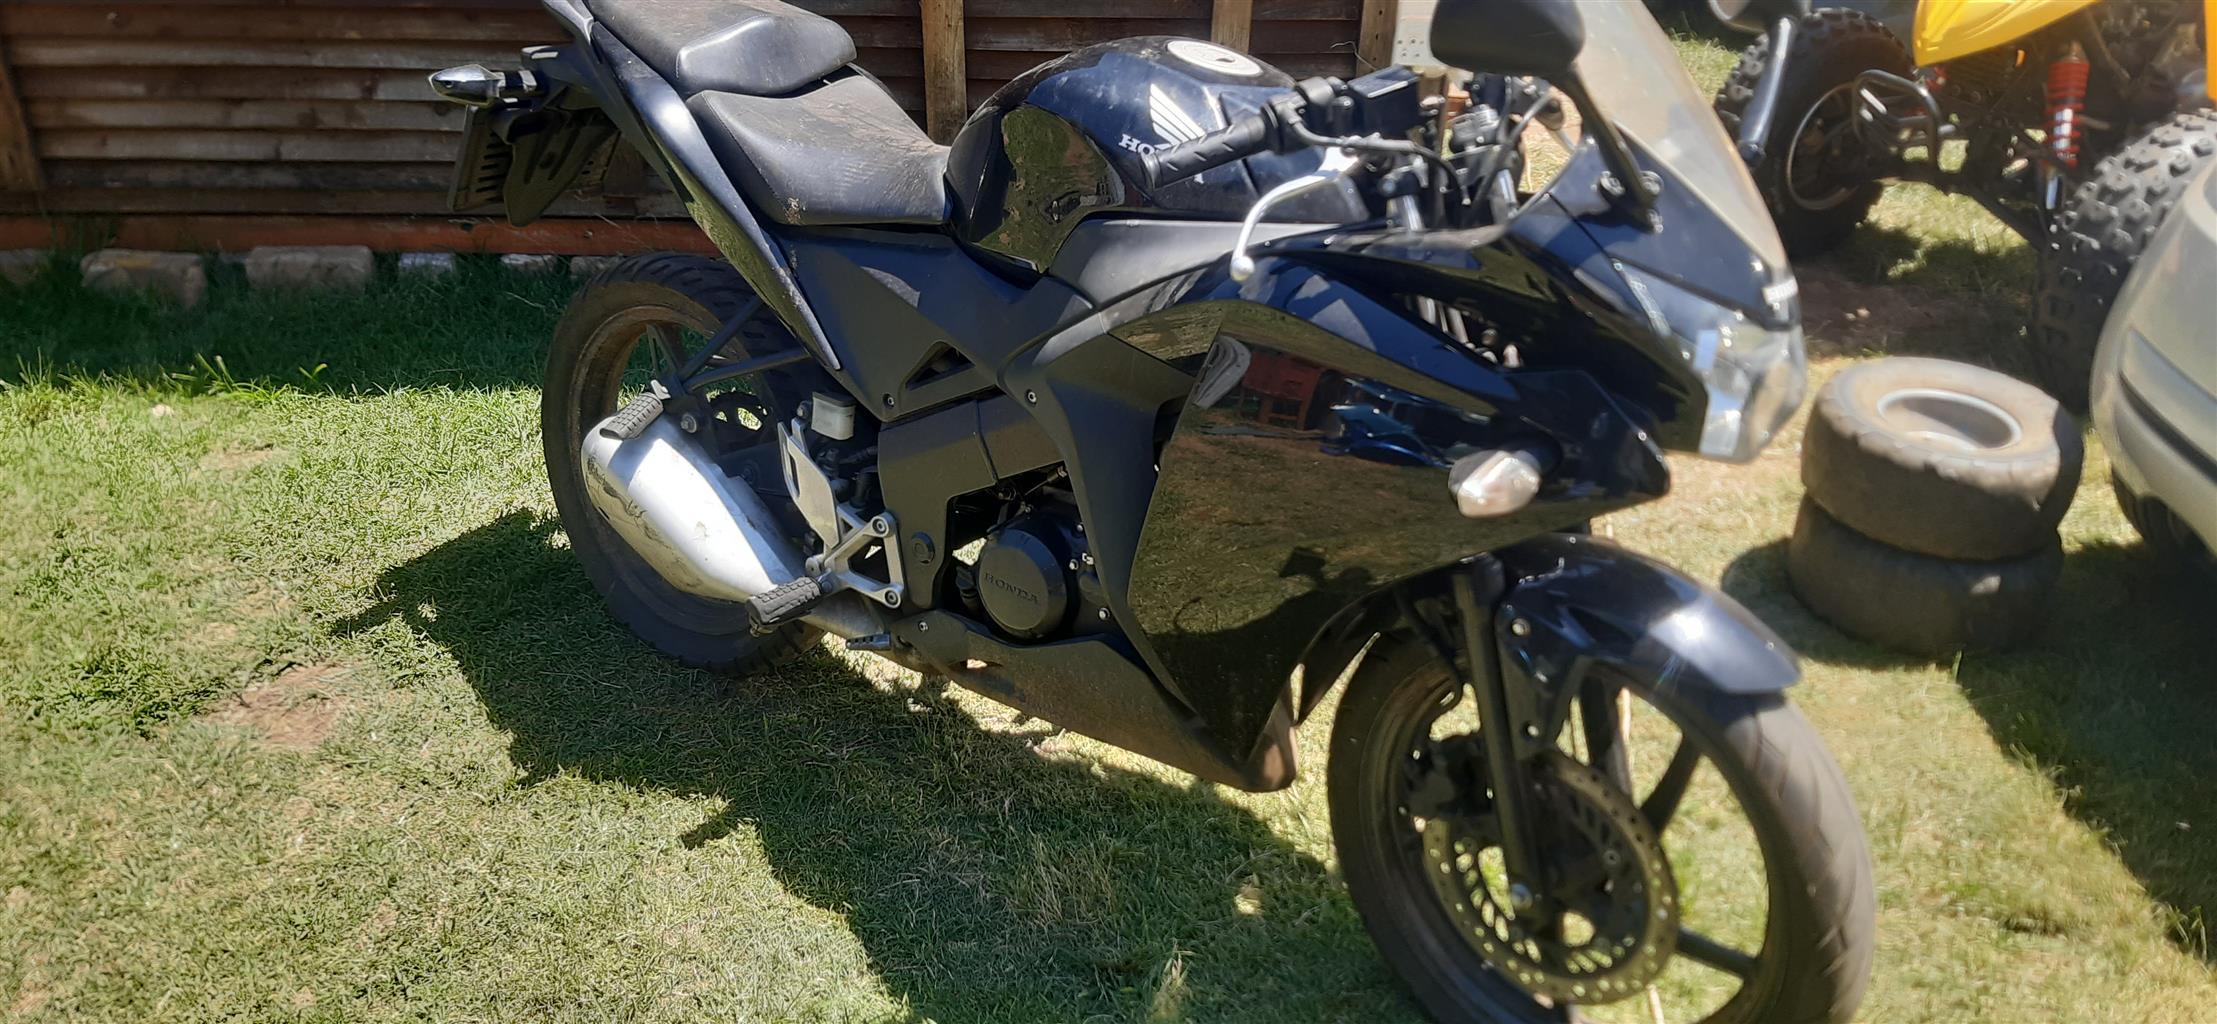 2012 Bikes for Stripping Honda